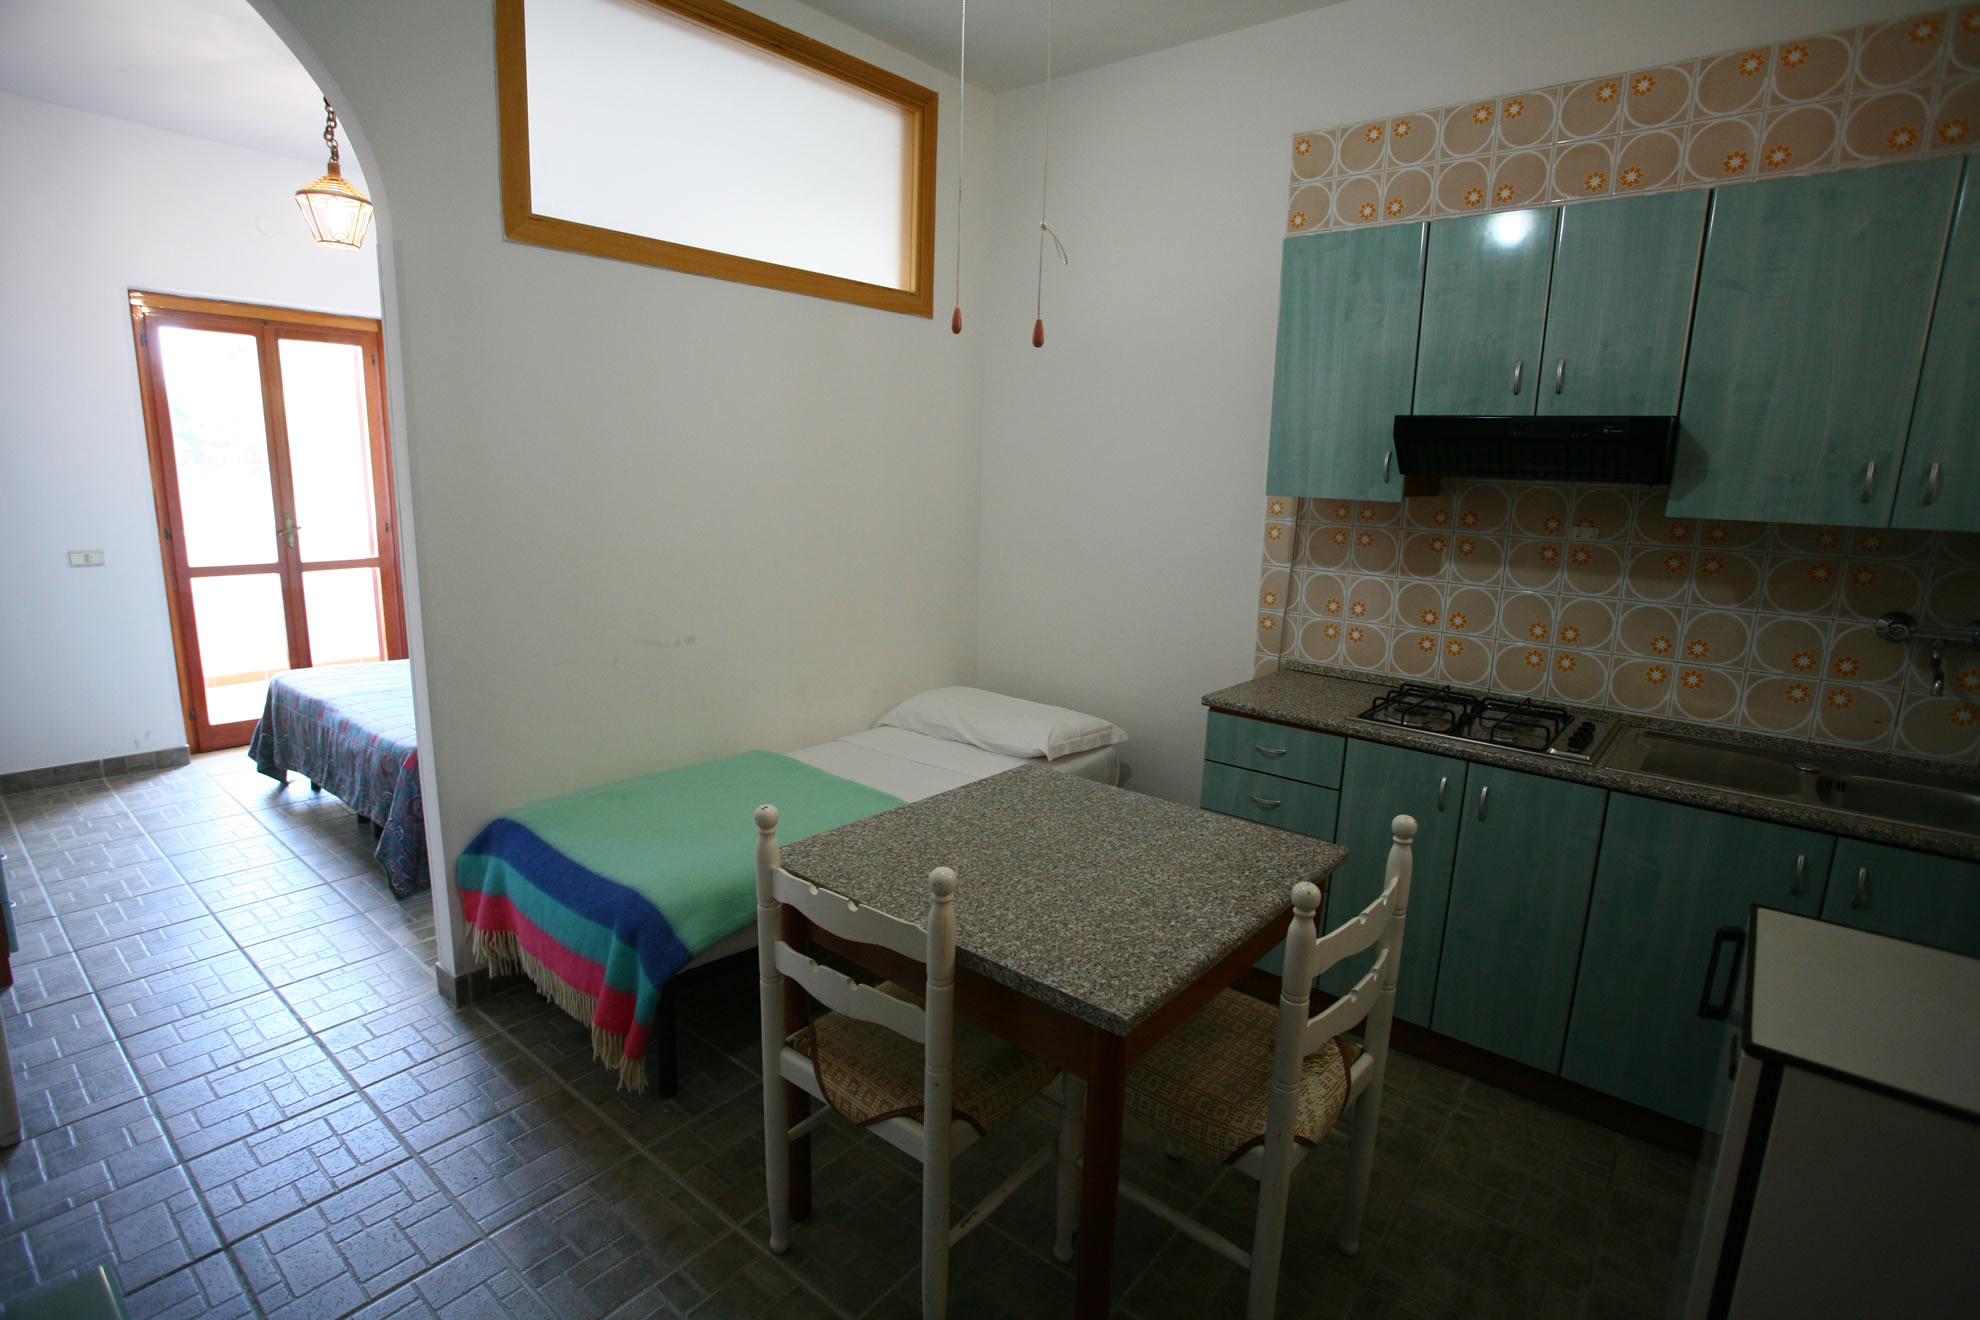 Studio Apartment A 3 Beds – Lido del Sole